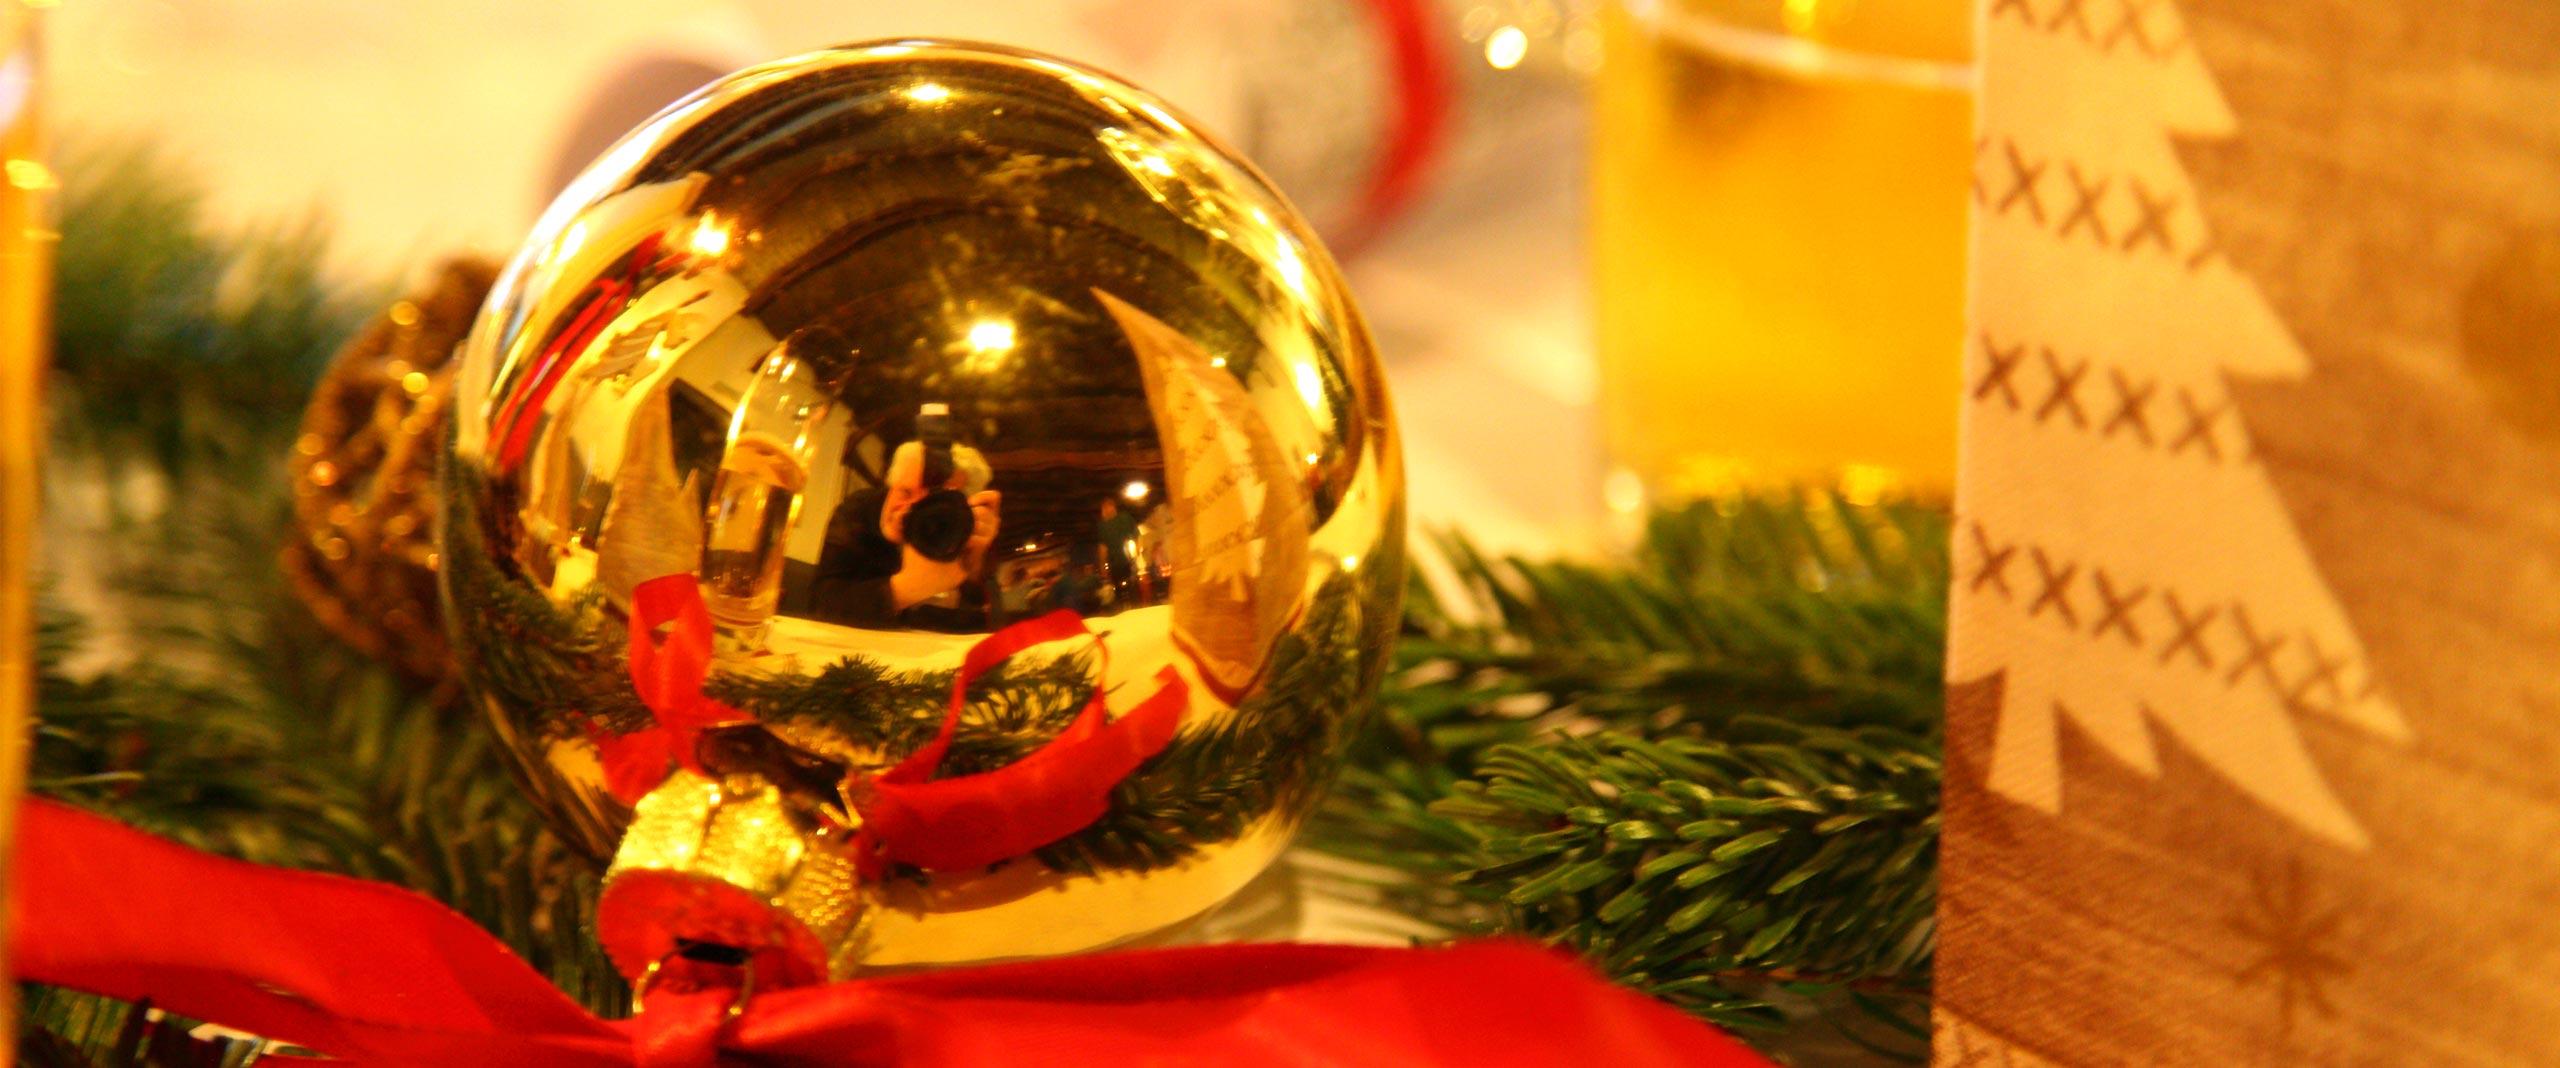 kre_weihnachtsfeier_18